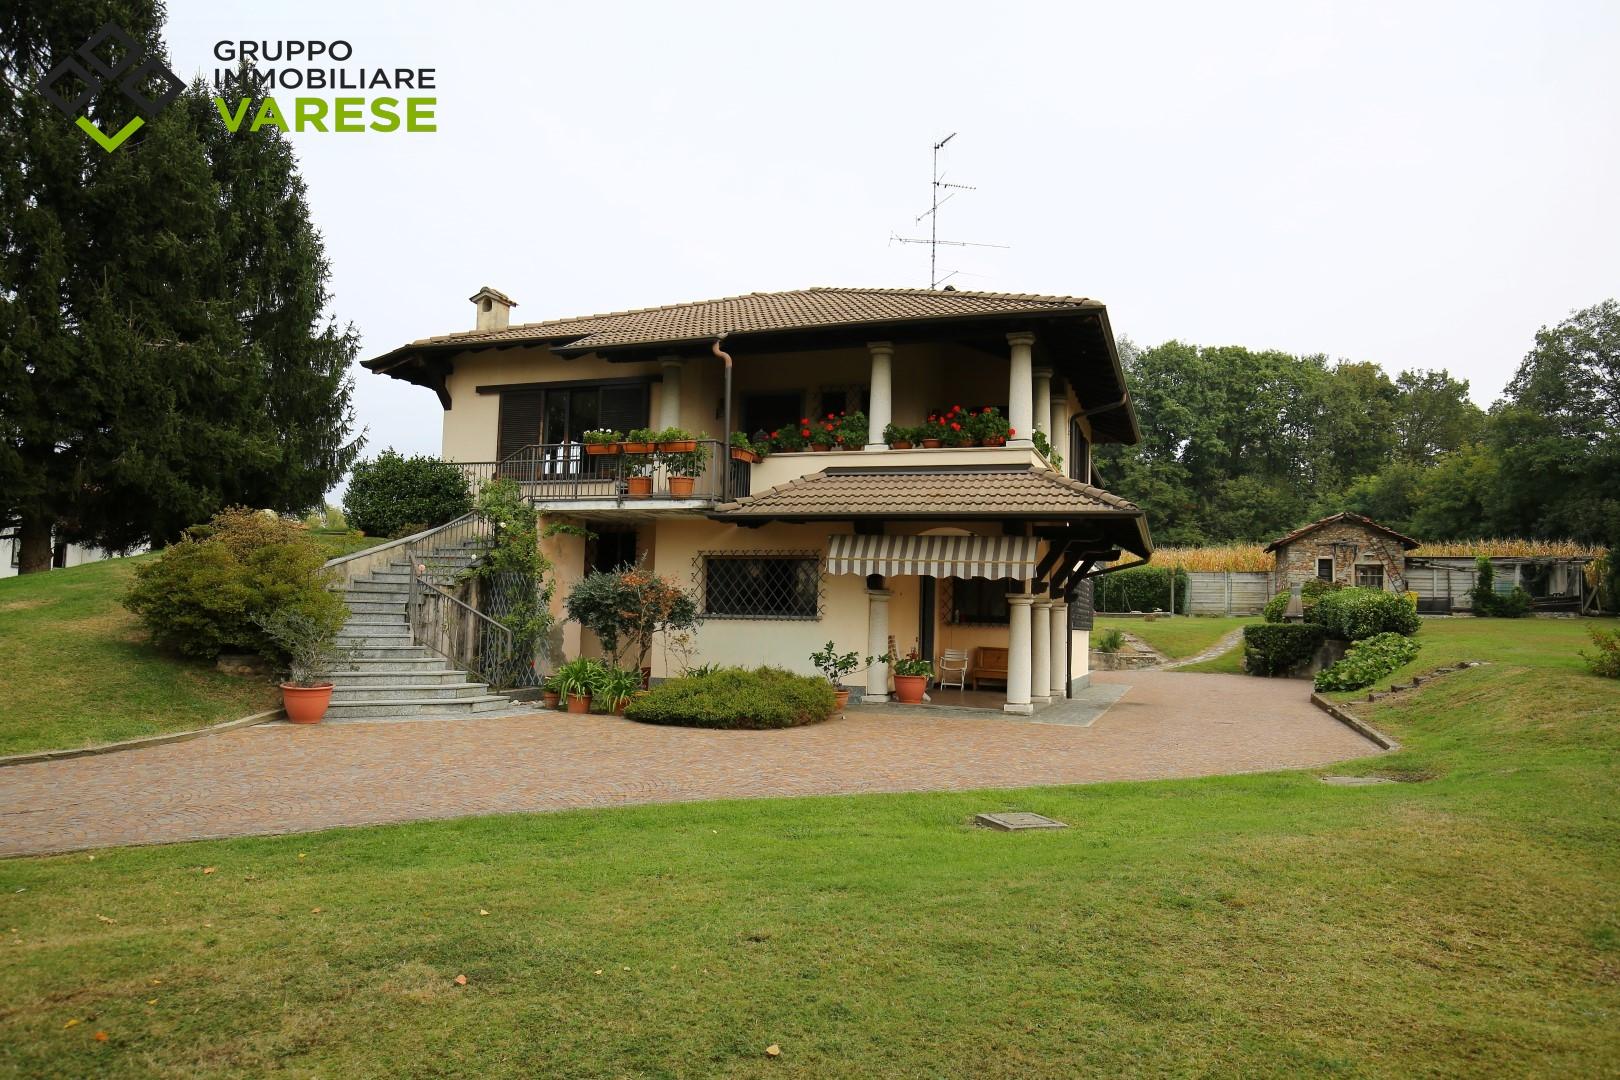 Villa in vendita a Sumirago, 5 locali, prezzo € 449.000 | CambioCasa.it